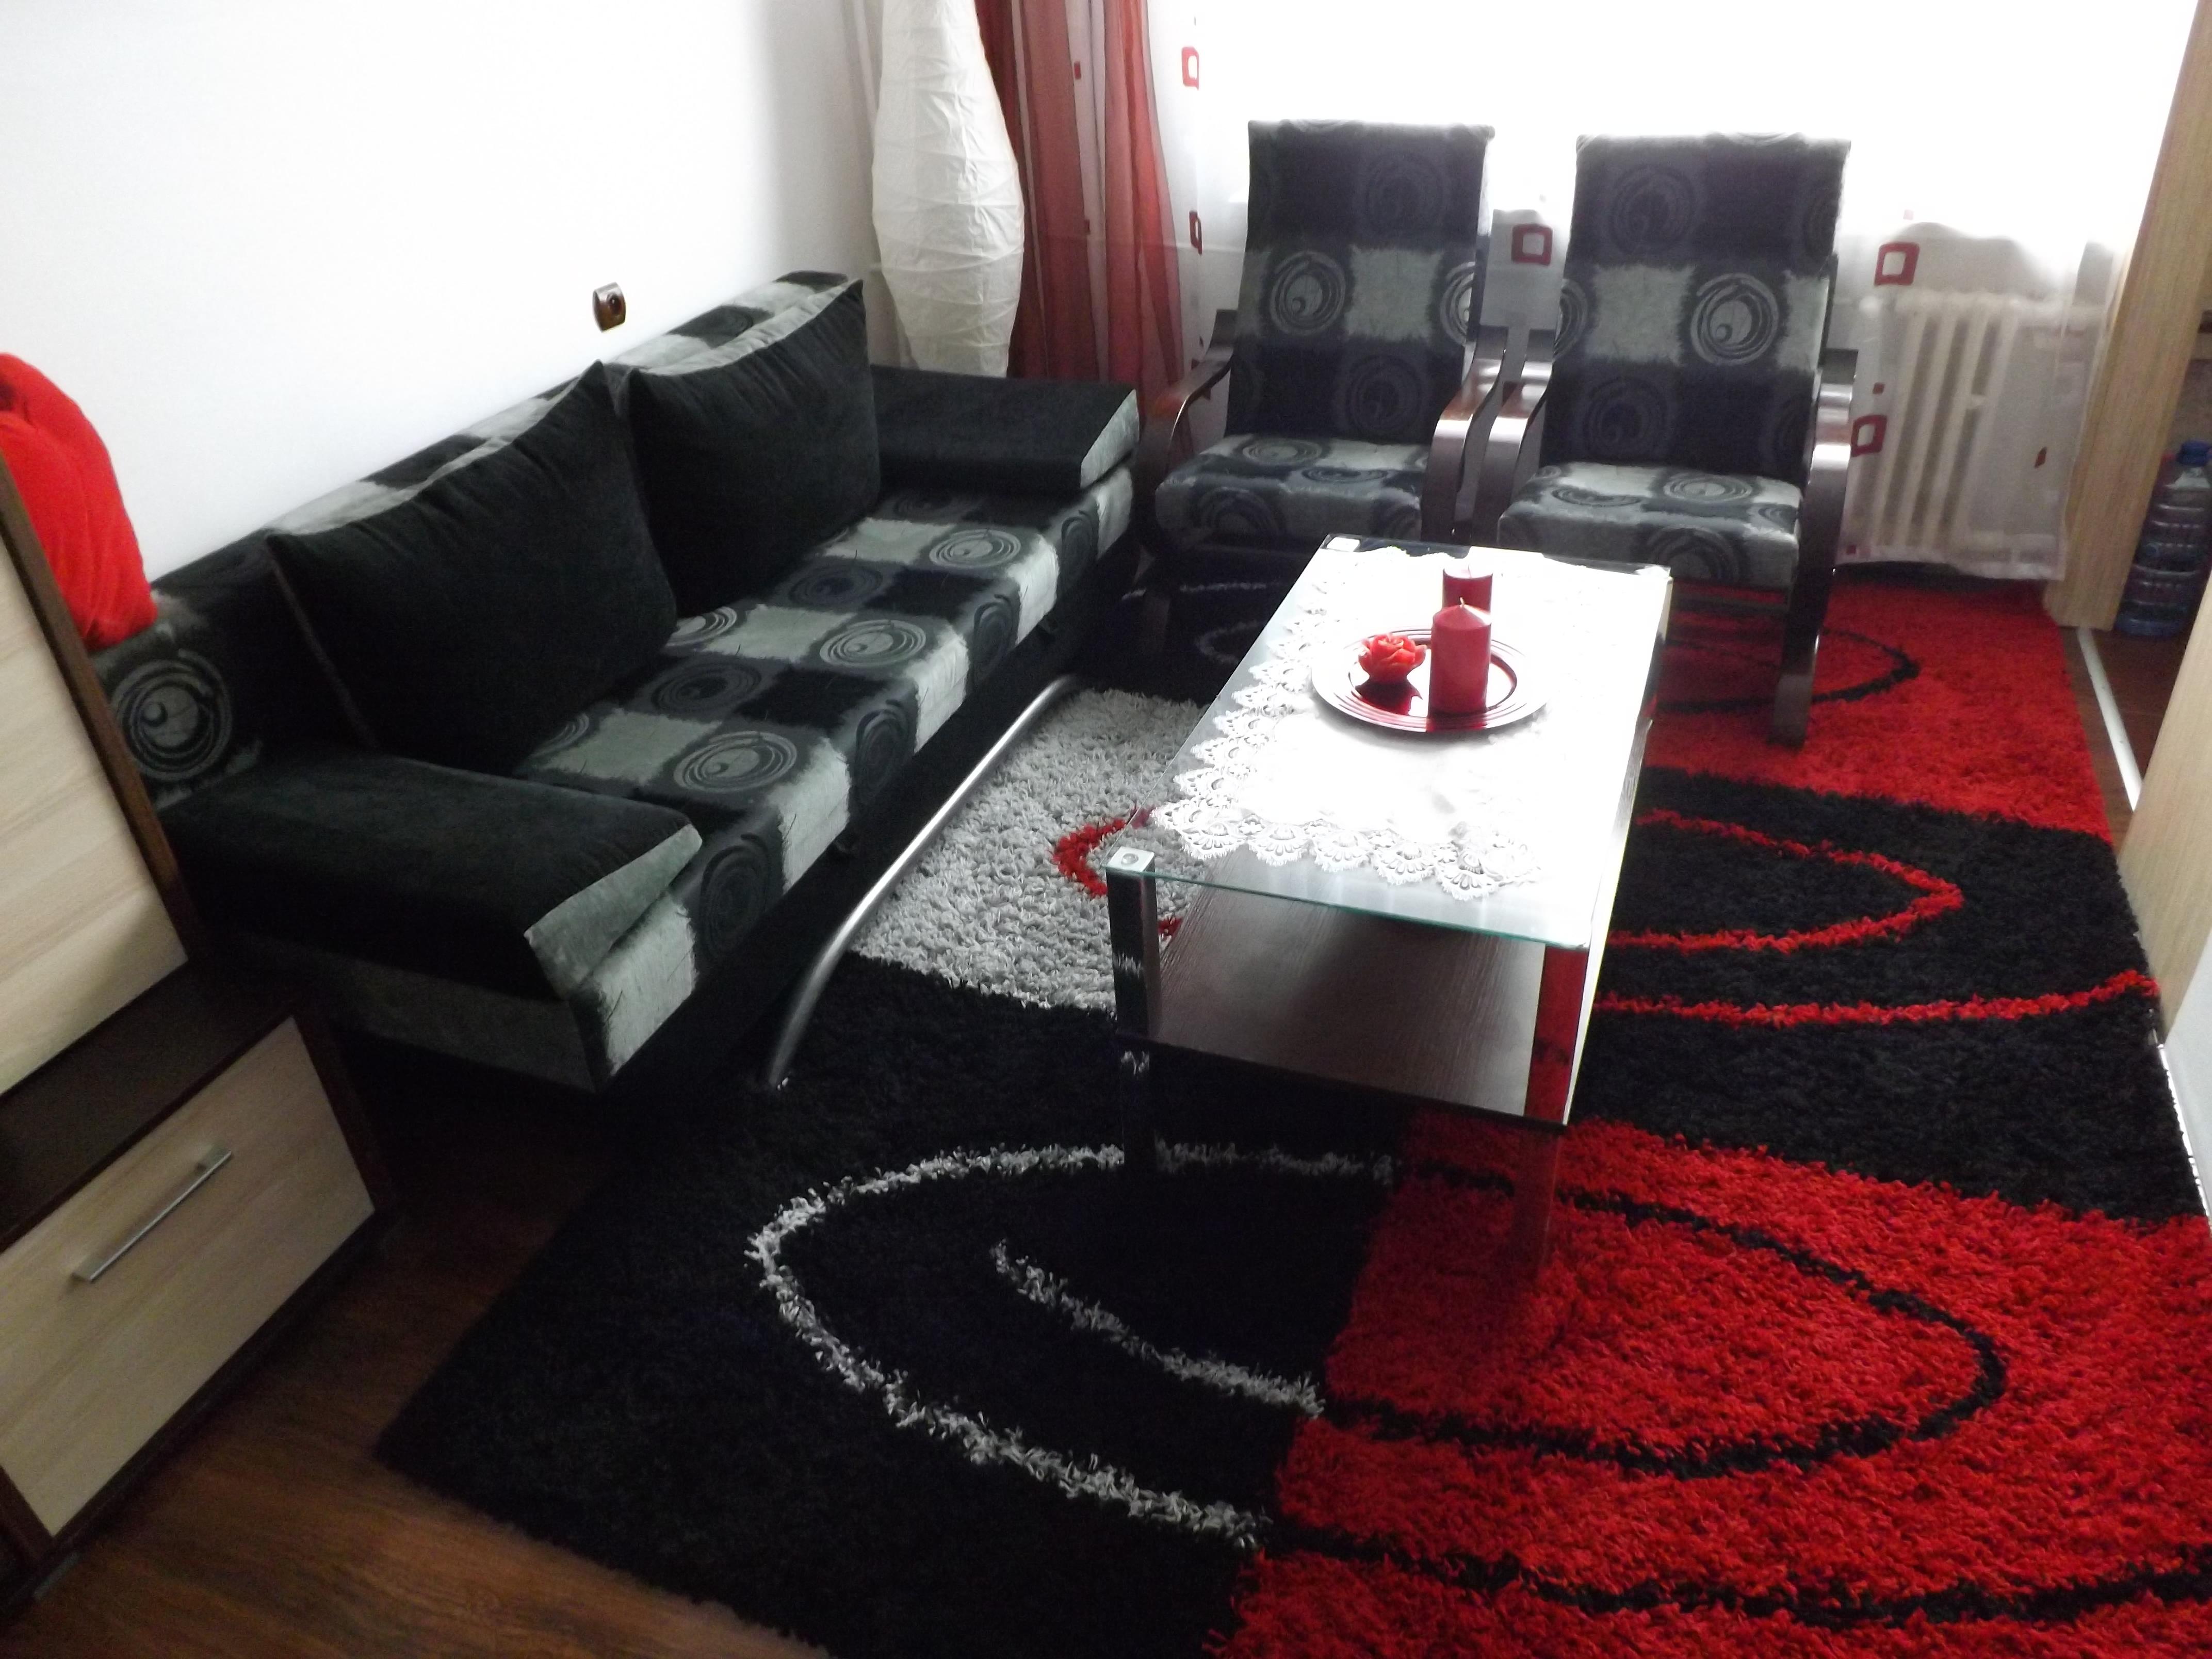 Aranżacja Dywan ahggy, włochacz, czarny czerwień